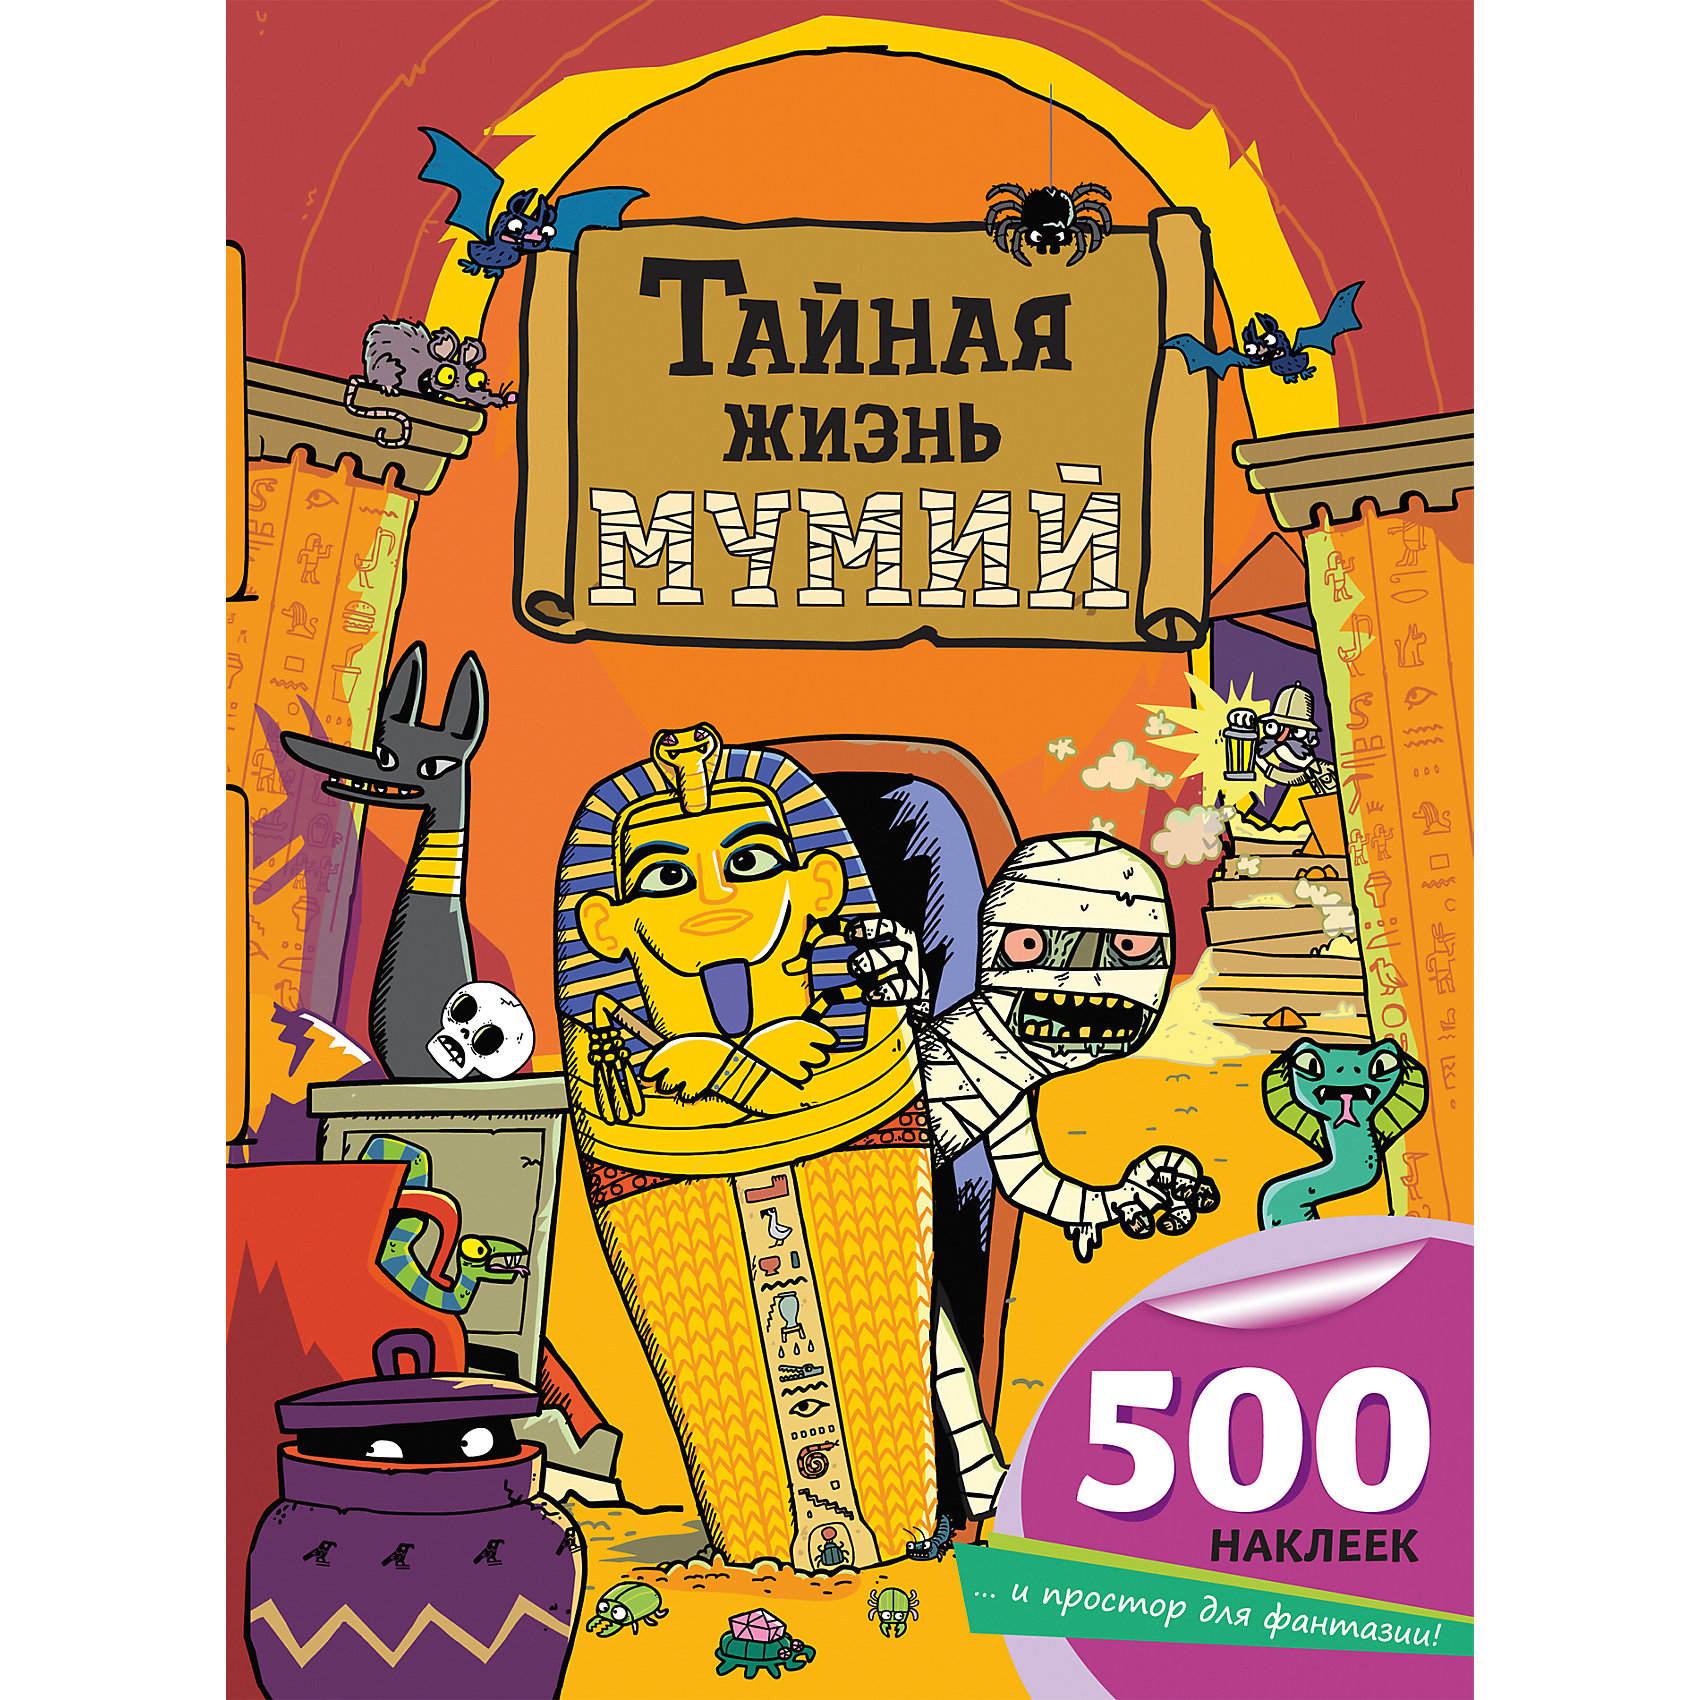 Тайная жизнь мумийСказки, рассказы, стихи<br>Книга с наклейками «Тайная жизнь мумий» - это потрясающе интересная реализация темы мумий. В детских энциклопедиях и книгах о Древнем Египте много написано, как и зачем делались мумии. А что если развить эту тему? Представить, что мумии живут своей жизнью после того, как вход в пирамиду закрывается. Какой могла бы быть эта жизнь? Вообразить ее как раз и поможет эта забавная книга. 500 наклеек дадут ребенку возможность самому придумать и воссоздать тайную жизнь мумий. А современный, жутковато-забавный стиль рисования понравится не только детям, но и их родителям.<br><br>Дополнительная информация:<br><br>- год выпуска: 2015<br>- количество страниц:24<br>- формат: 32 * 23 см.<br>- переплет: мягкий  переплет <br>обложка<br>- вес: 290 гр.<br>- возраст: от  6 до 8  лет<br><br>Книгу Тайная жизнь мумий можно купить в нашем интернет - магазине.<br><br>Ширина мм: 325<br>Глубина мм: 240<br>Высота мм: 4<br>Вес г: 290<br>Возраст от месяцев: 72<br>Возраст до месяцев: 144<br>Пол: Унисекс<br>Возраст: Детский<br>SKU: 4753451